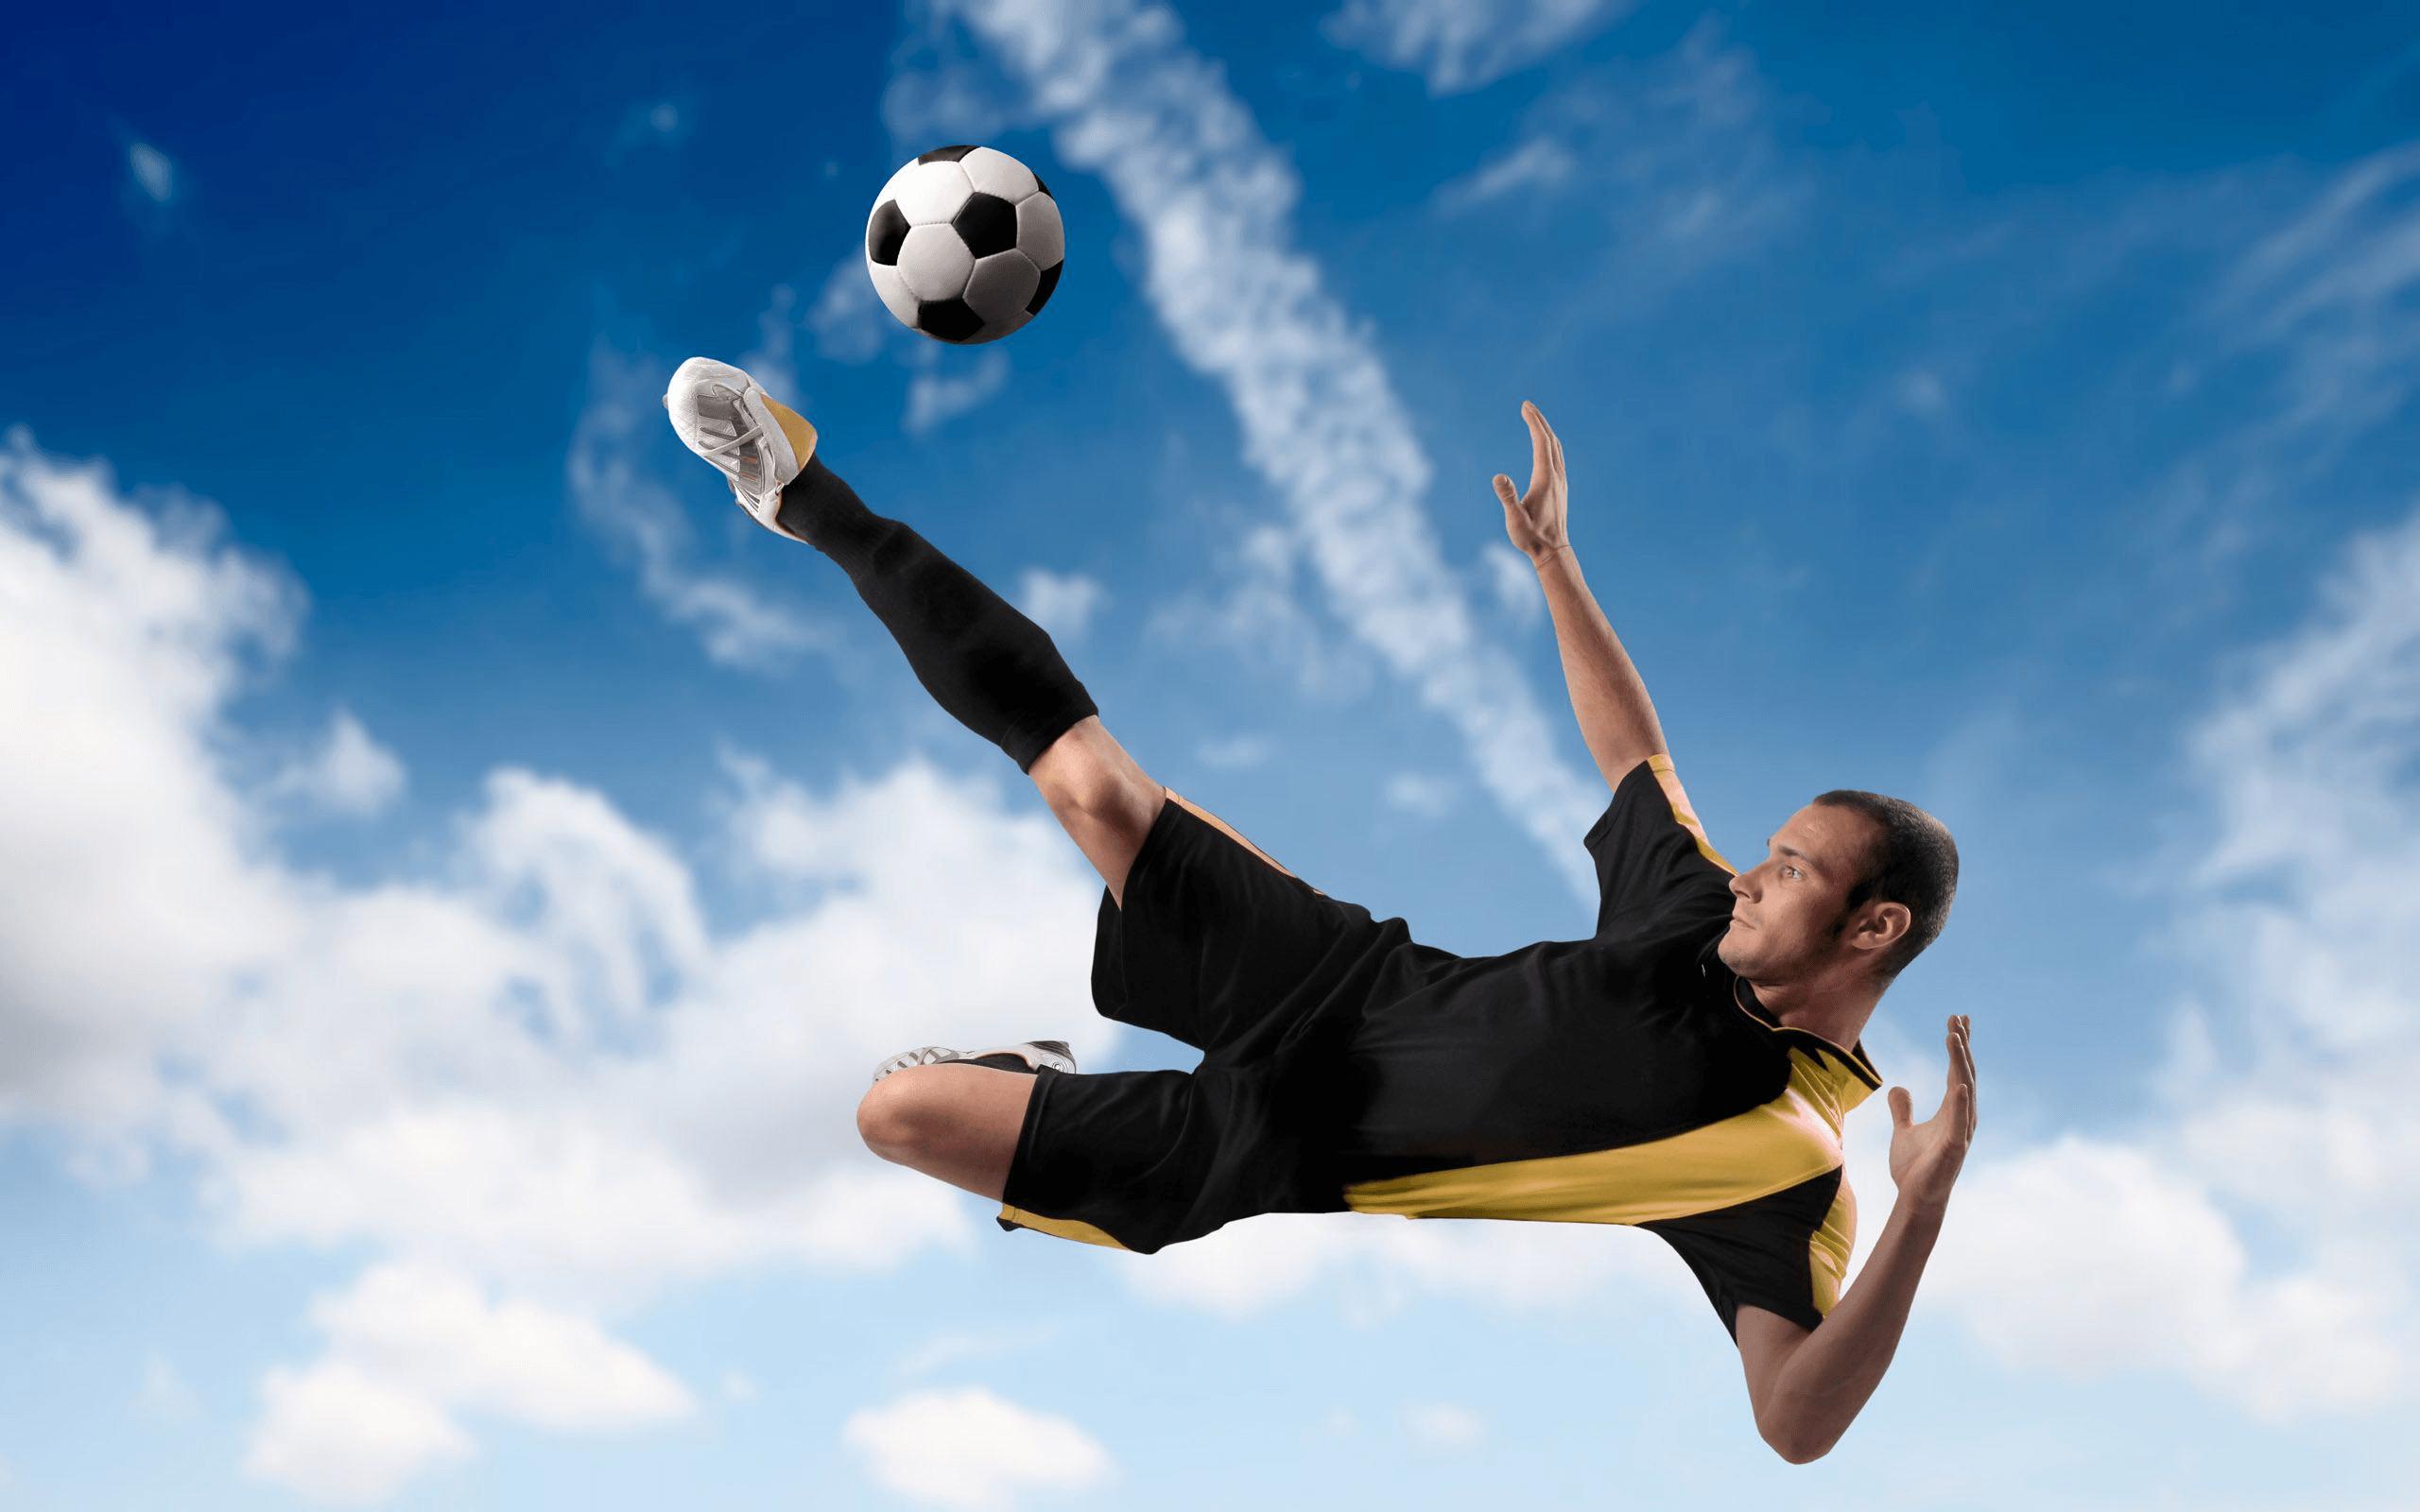 כדורגל חופש